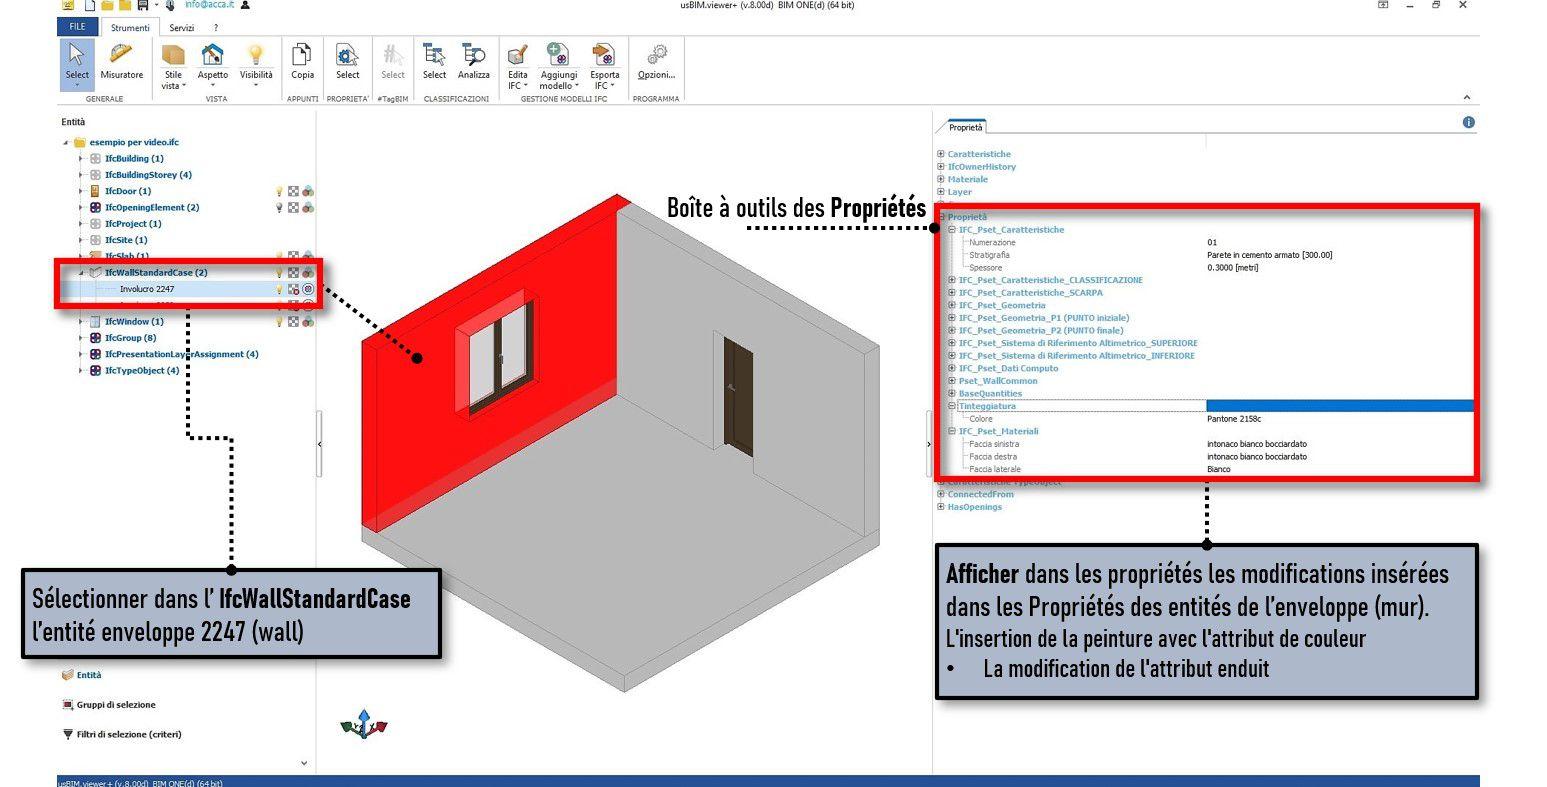 La capture d'écran du logiciel usBIM.viewer+ montre comment vérifier les propriétés insérées dans IFCPropertyDefinition